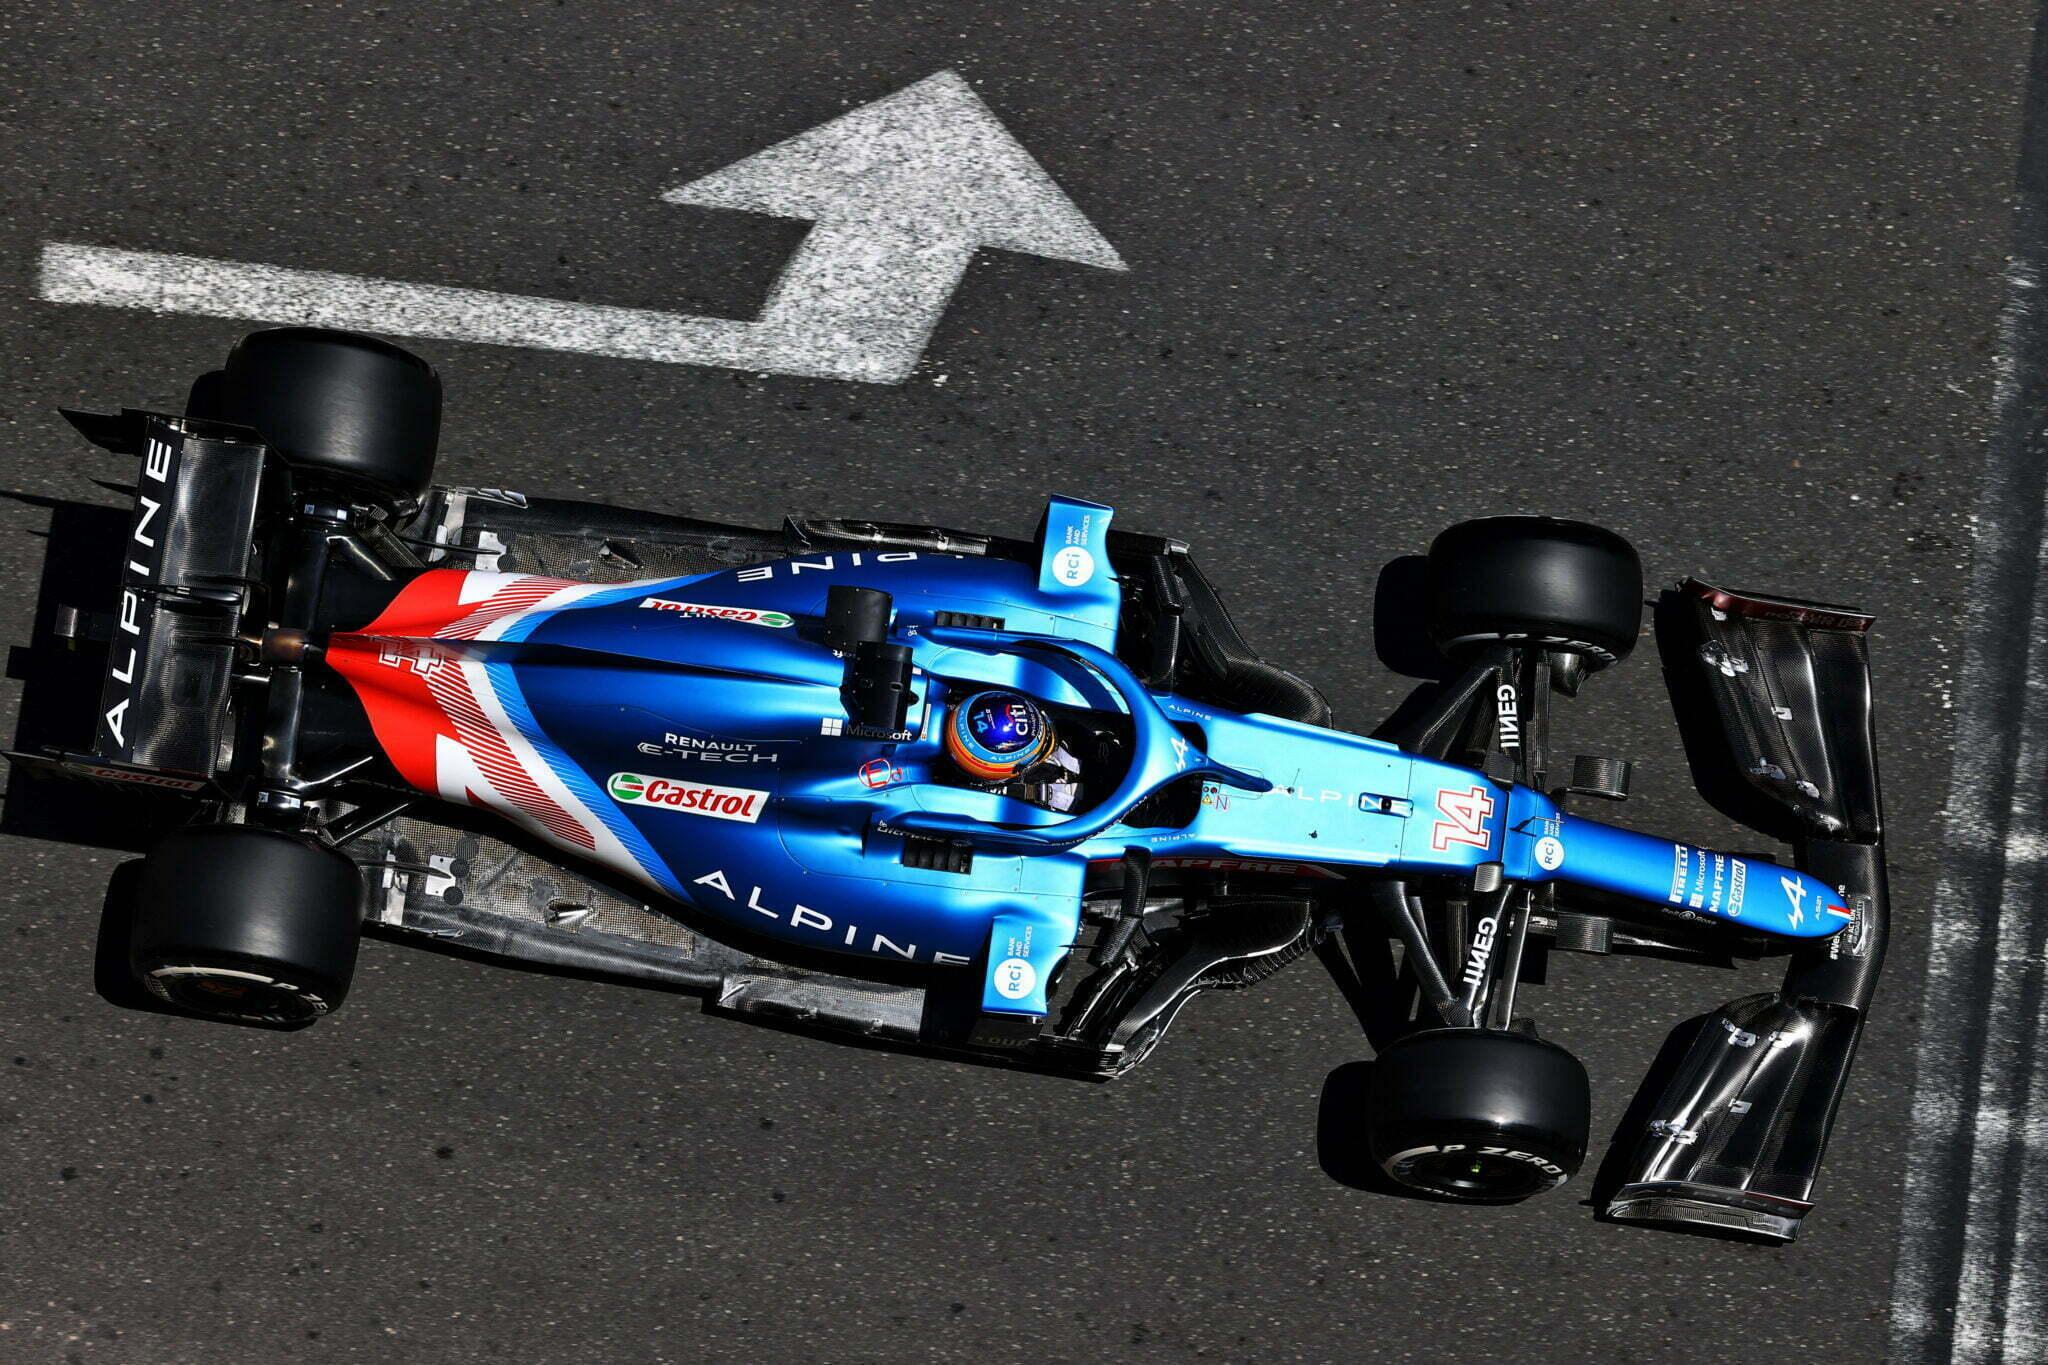 Alpine F1 Azebaijan Grand Prix Baku Alonso Ocon 2021 42   Alonso offre huit précieux points à Alpine F1 Team sur l'épreuve de Bakou